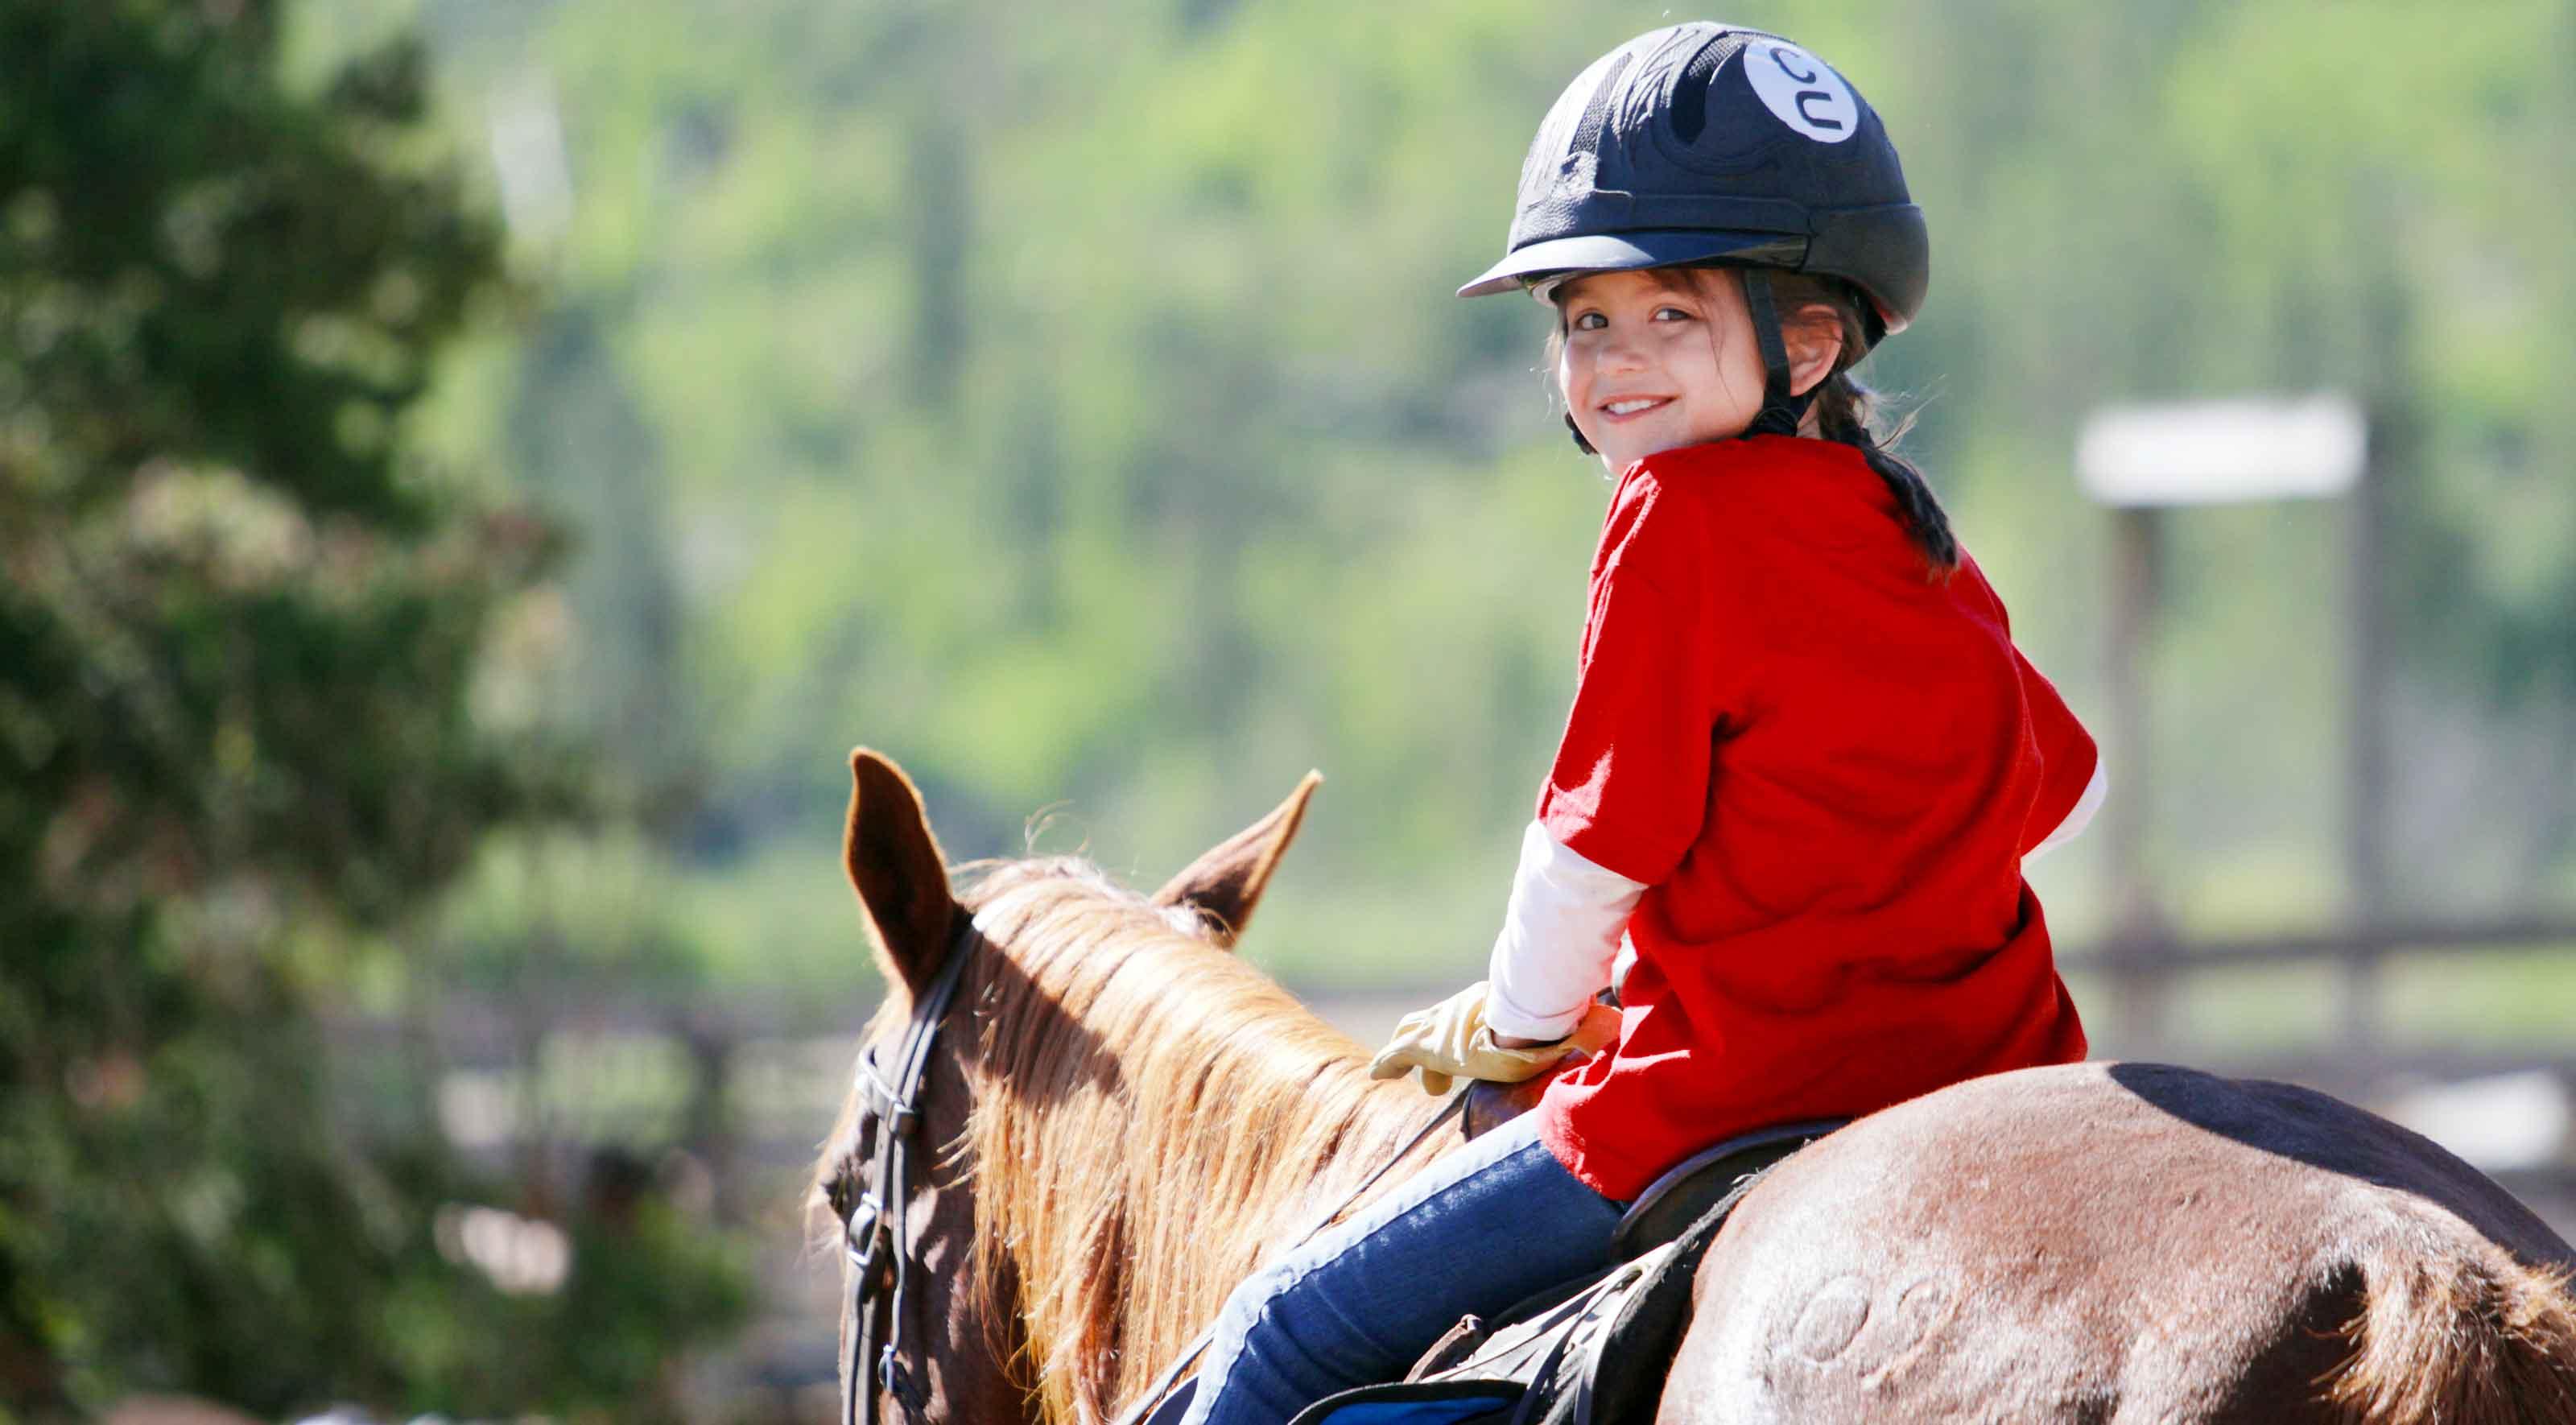 Ιππασία: 7 λόγοι που είναι το καλύτερο hobby για παιδιά